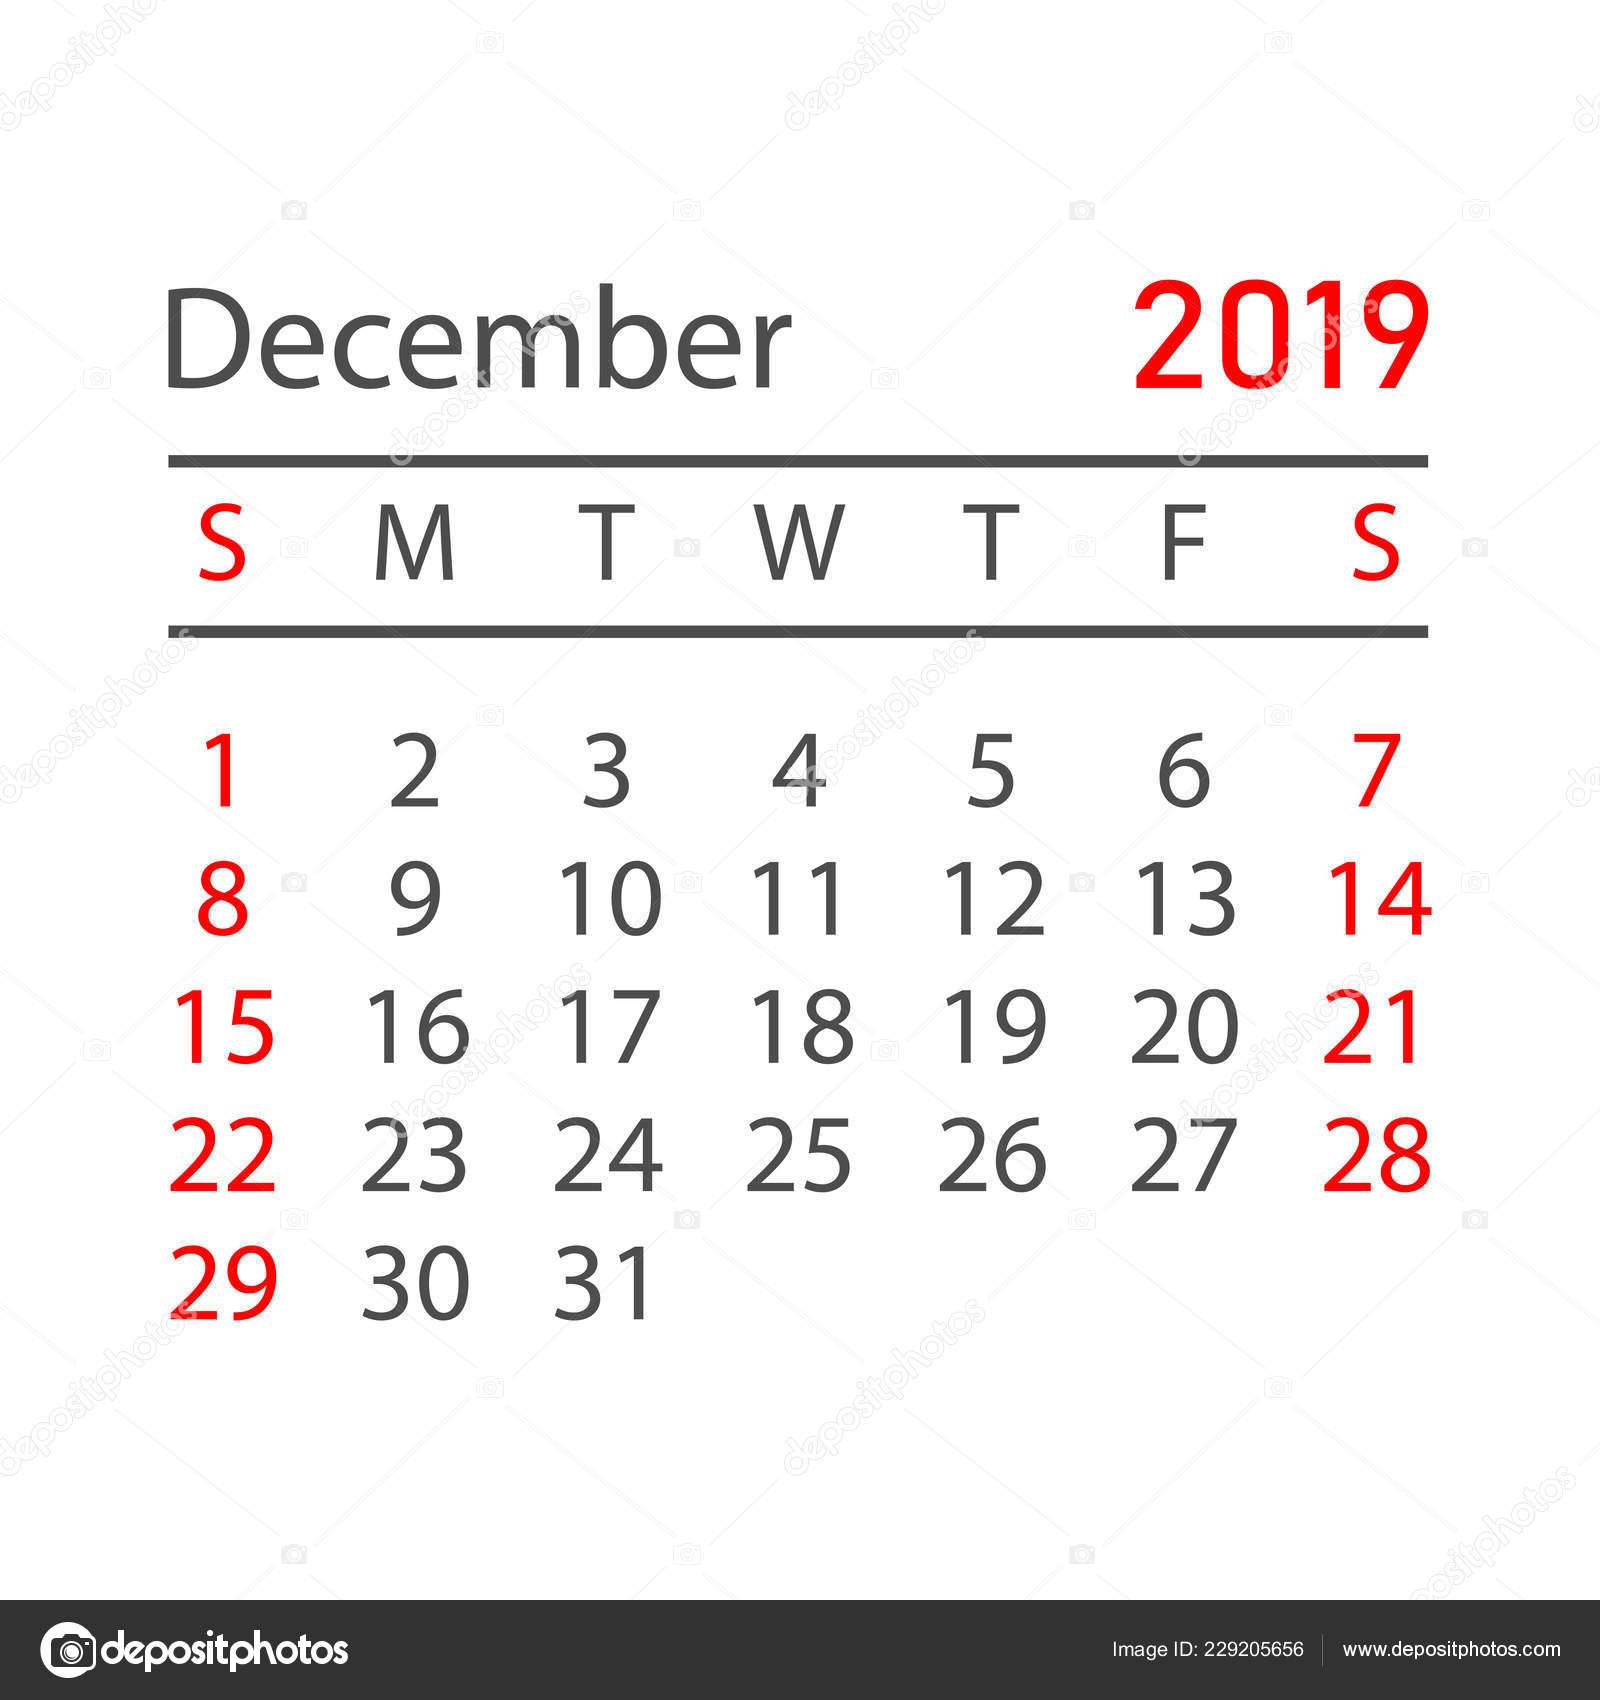 Calendrier Mensuel Decembre 2019.Calendrier Decembre 2019 Annee Dans Style Simple Modele